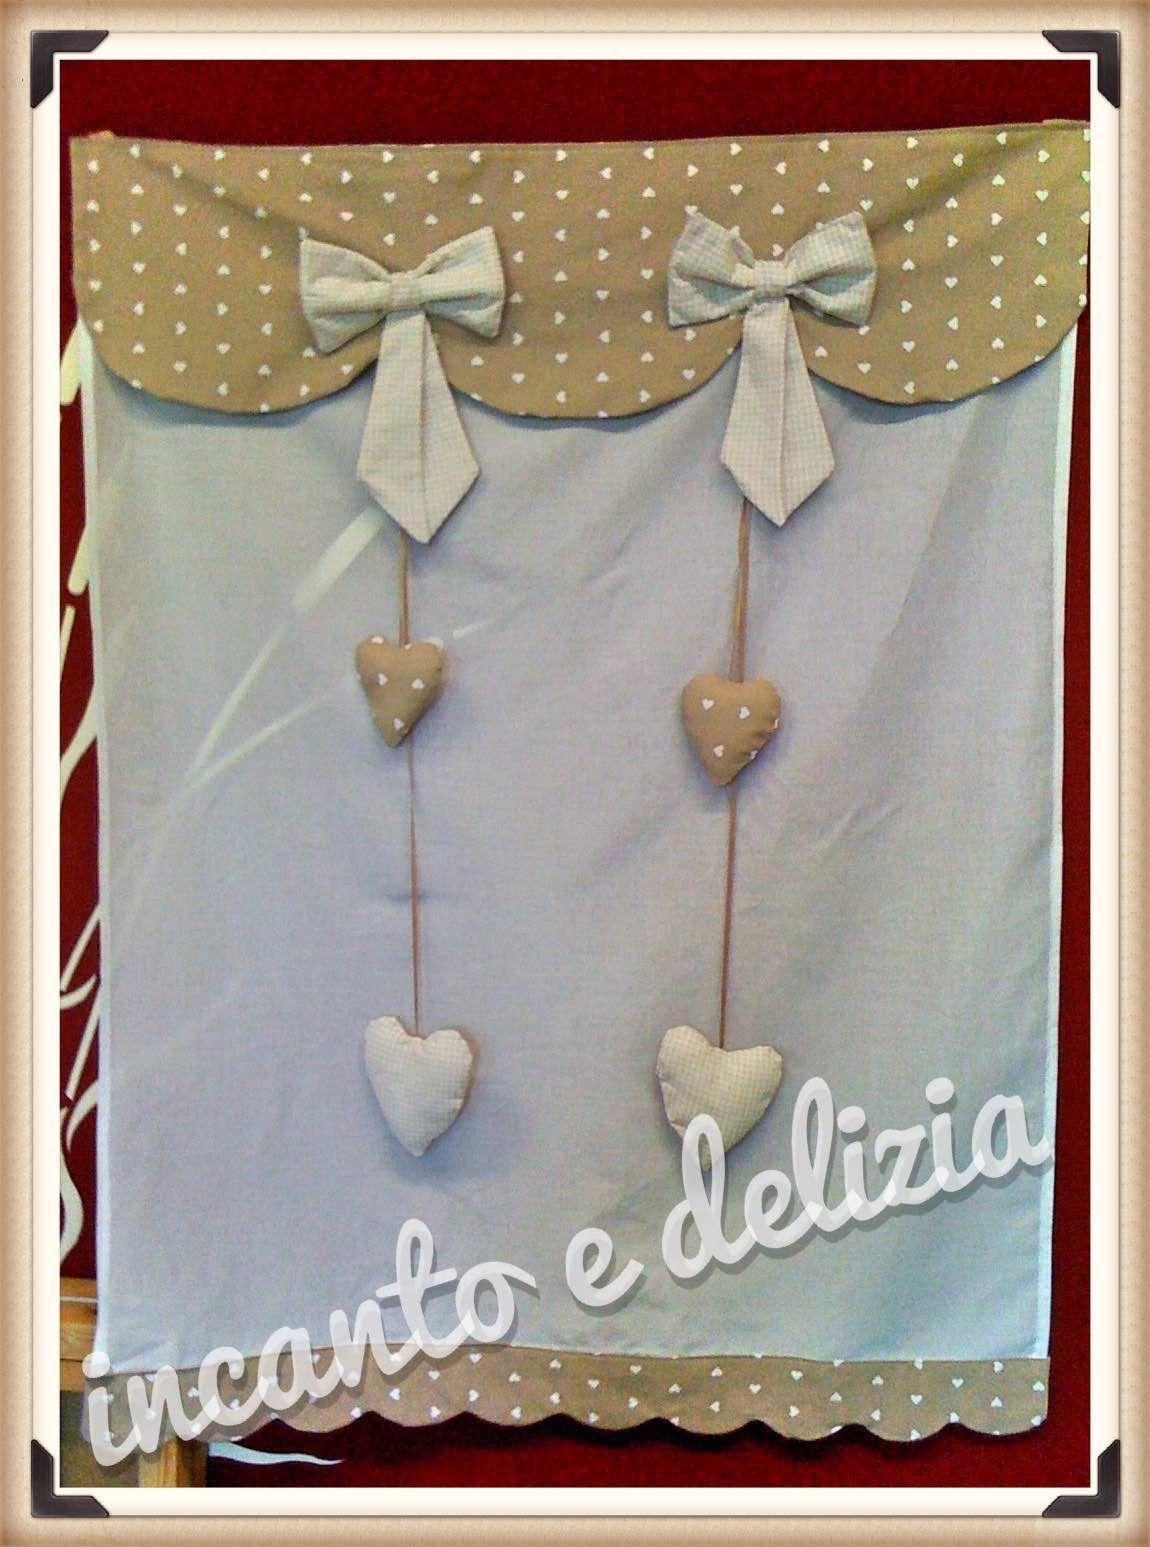 Tenda bagno con mantovana e fiocchi, cuoricini decorativi ...